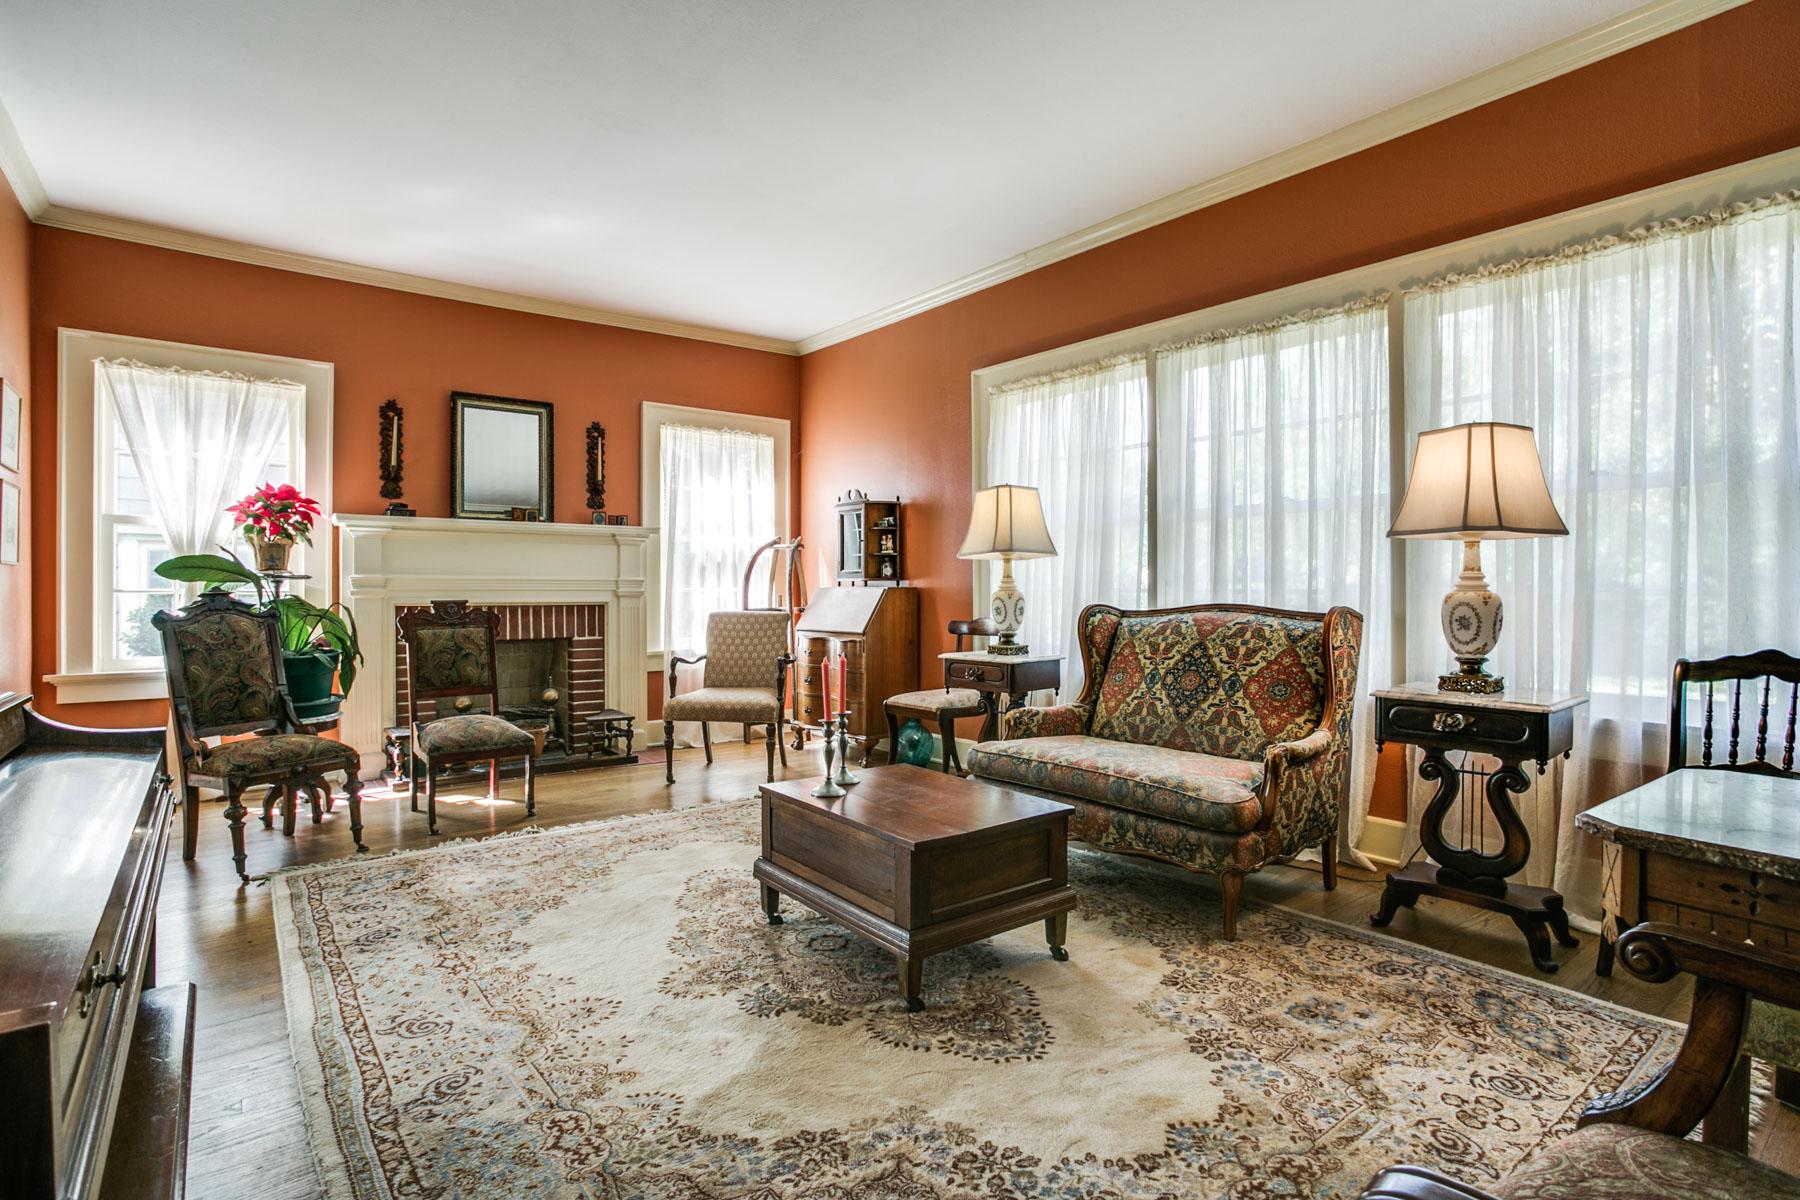 Villa per Vendita alle ore 3417 Mockingbird Ln, Dallas Dallas, Texas, 75205 Stati Uniti